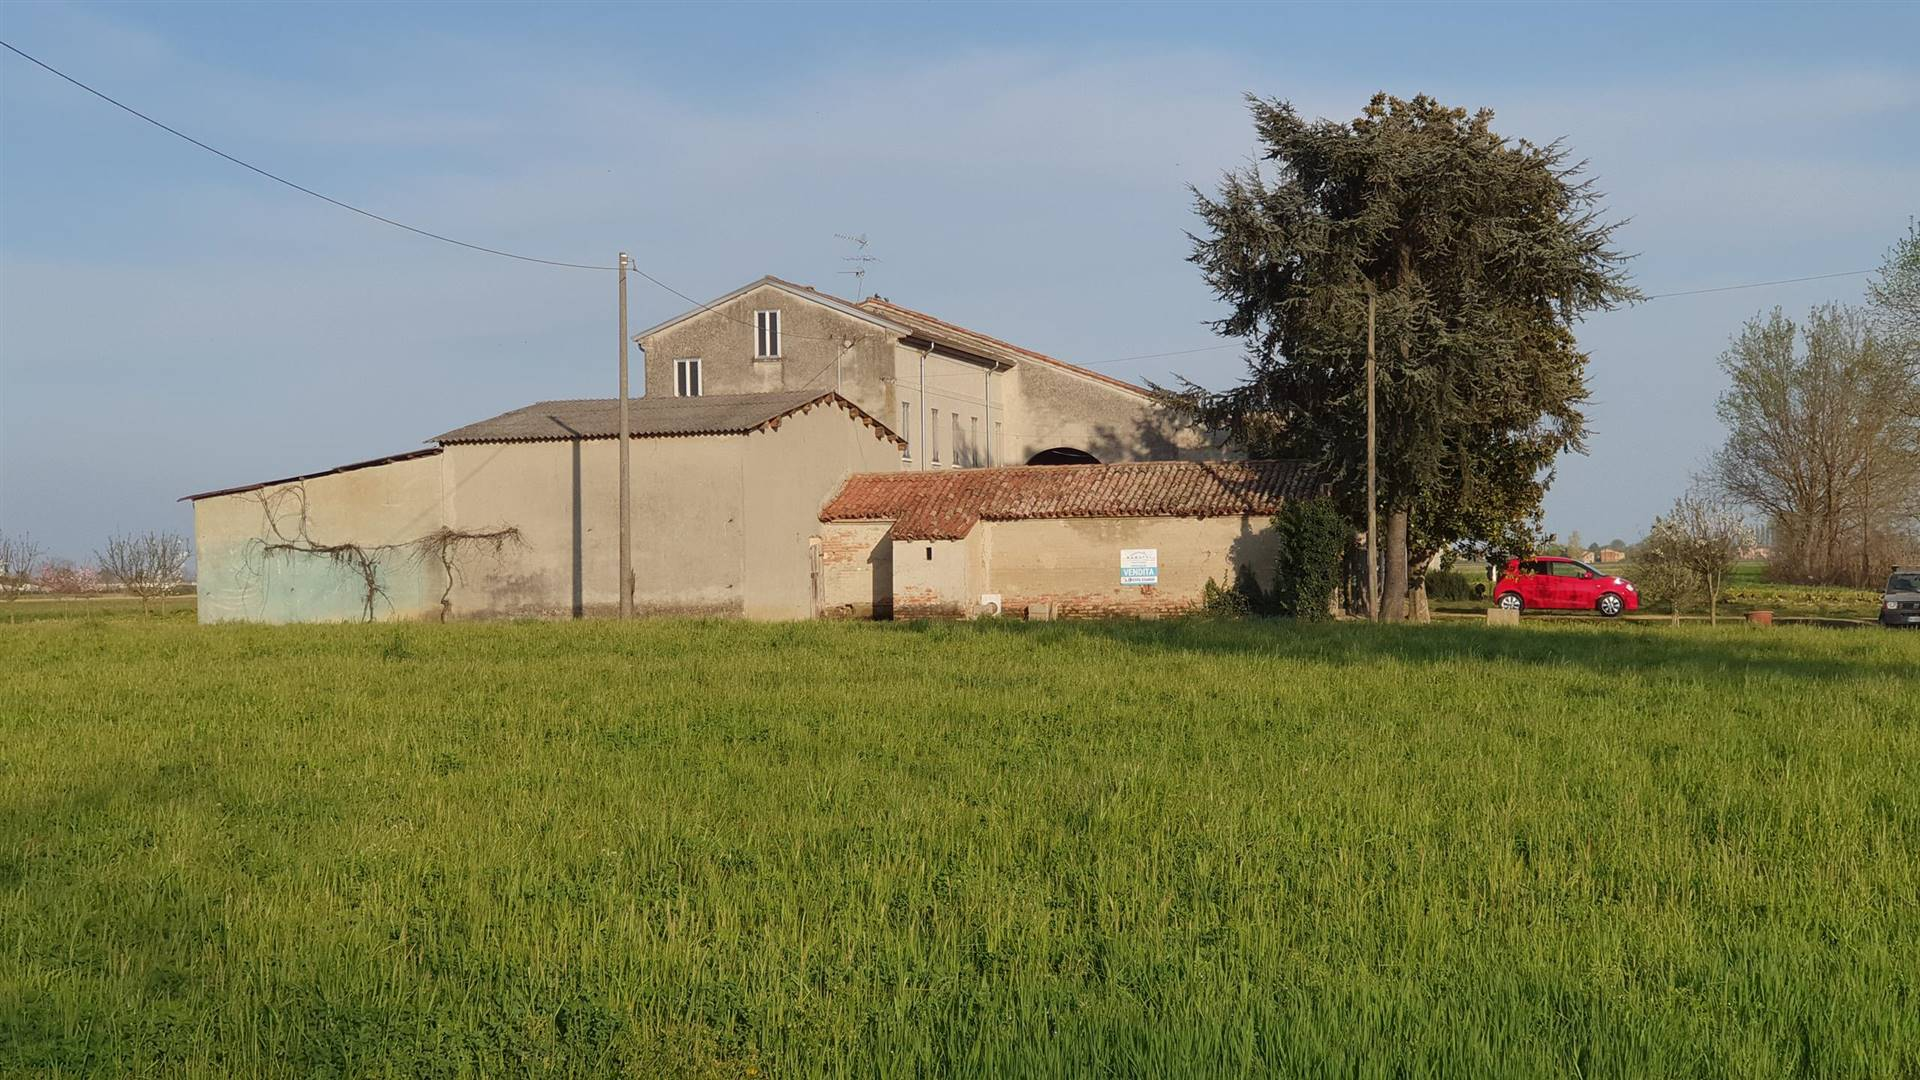 Rustico / Casale in vendita a Quistello, 8 locali, prezzo € 180.000 | CambioCasa.it